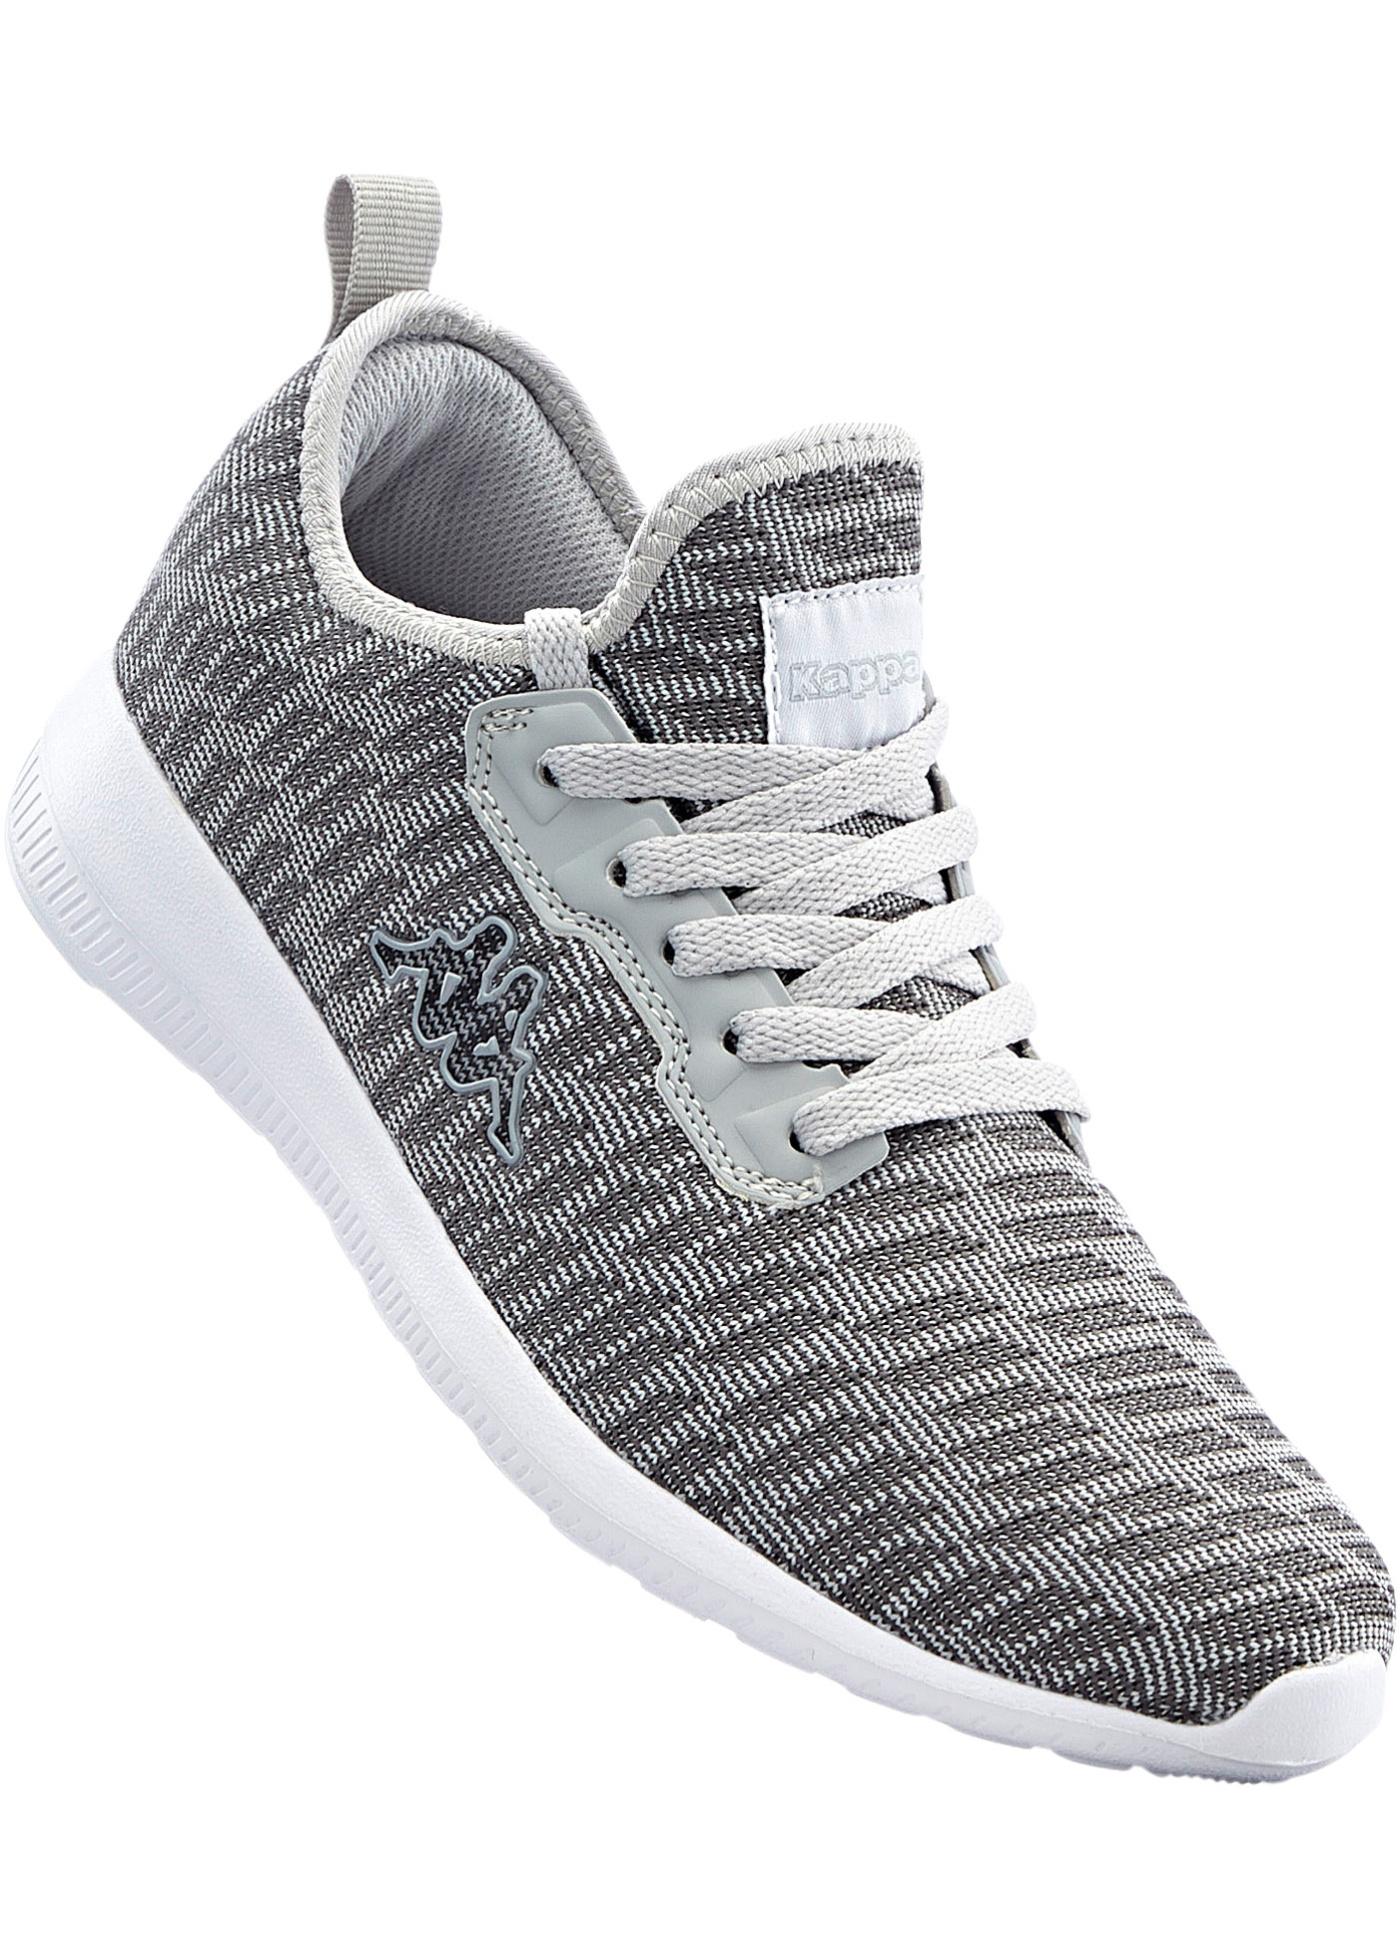 Sportovní obuv značky Kappa - Šedá